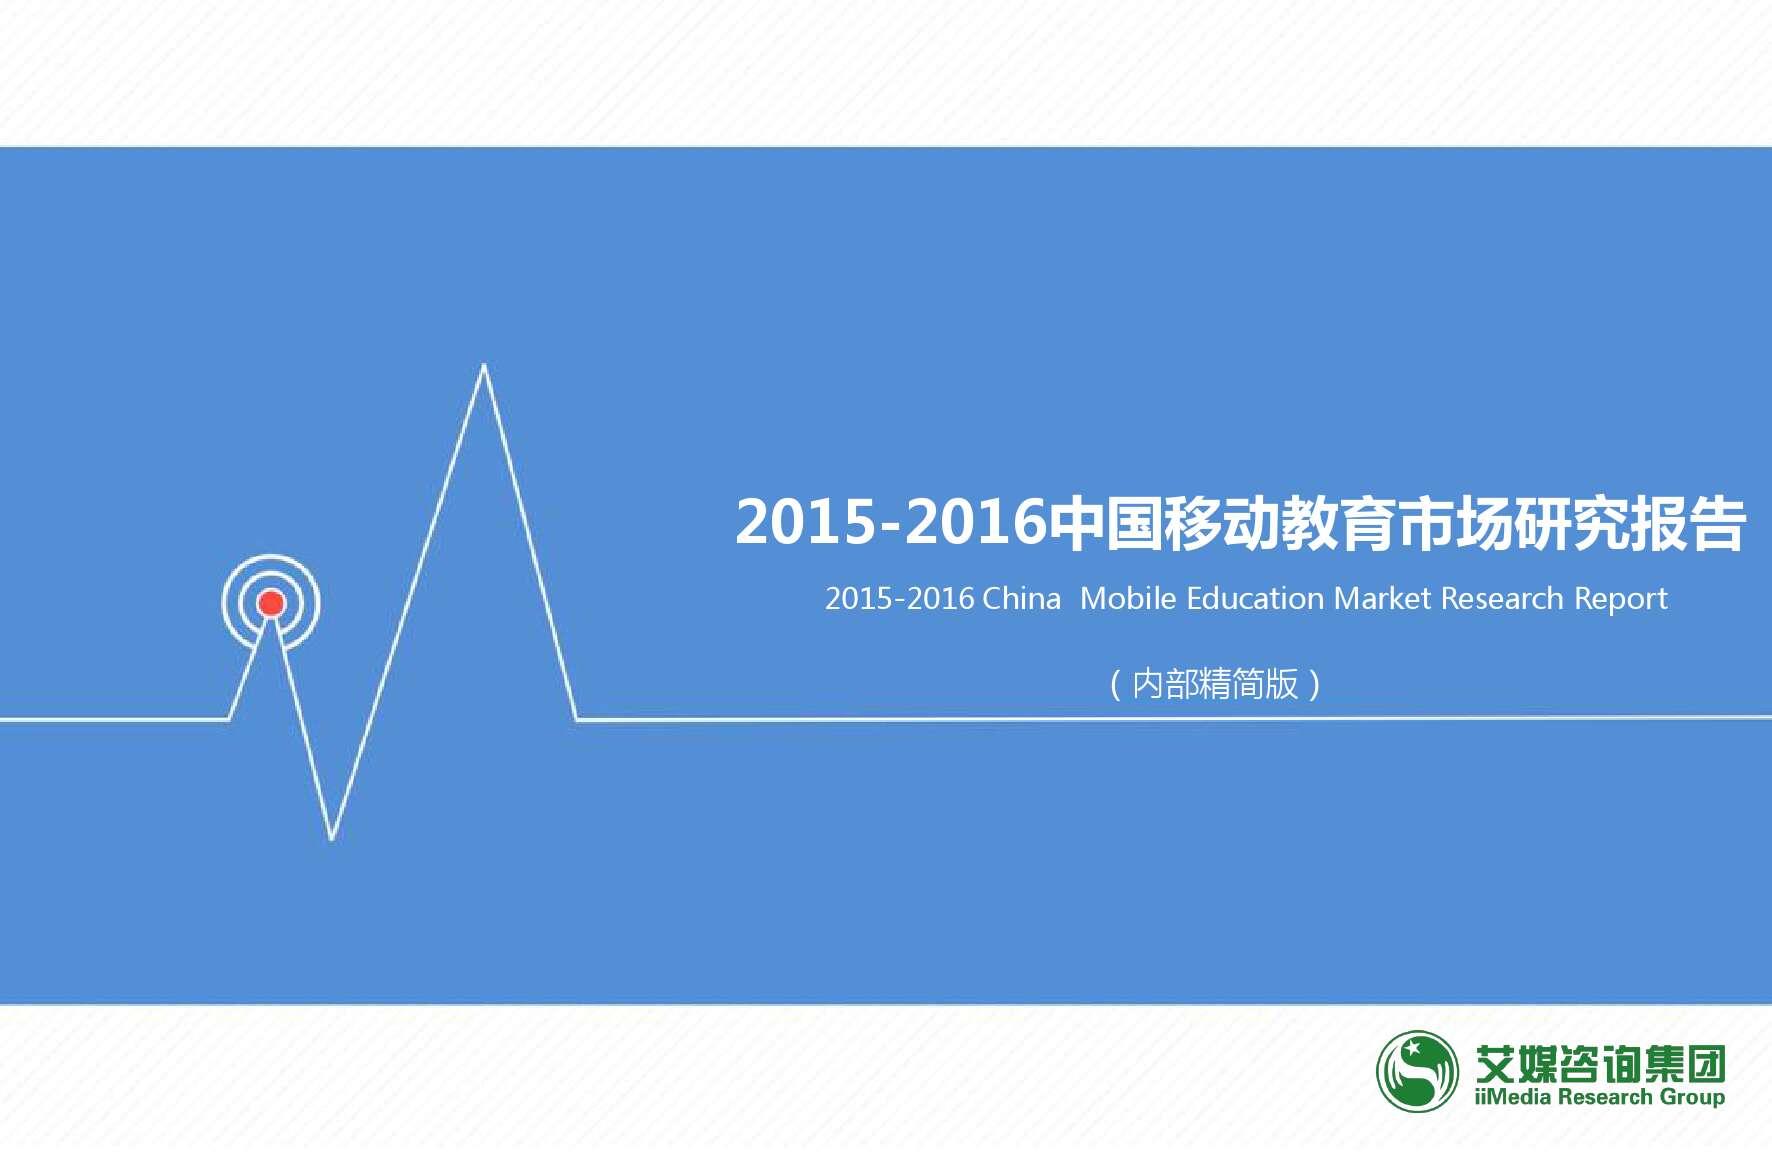 2015-2016年中国移动教育市场研究报告_000001